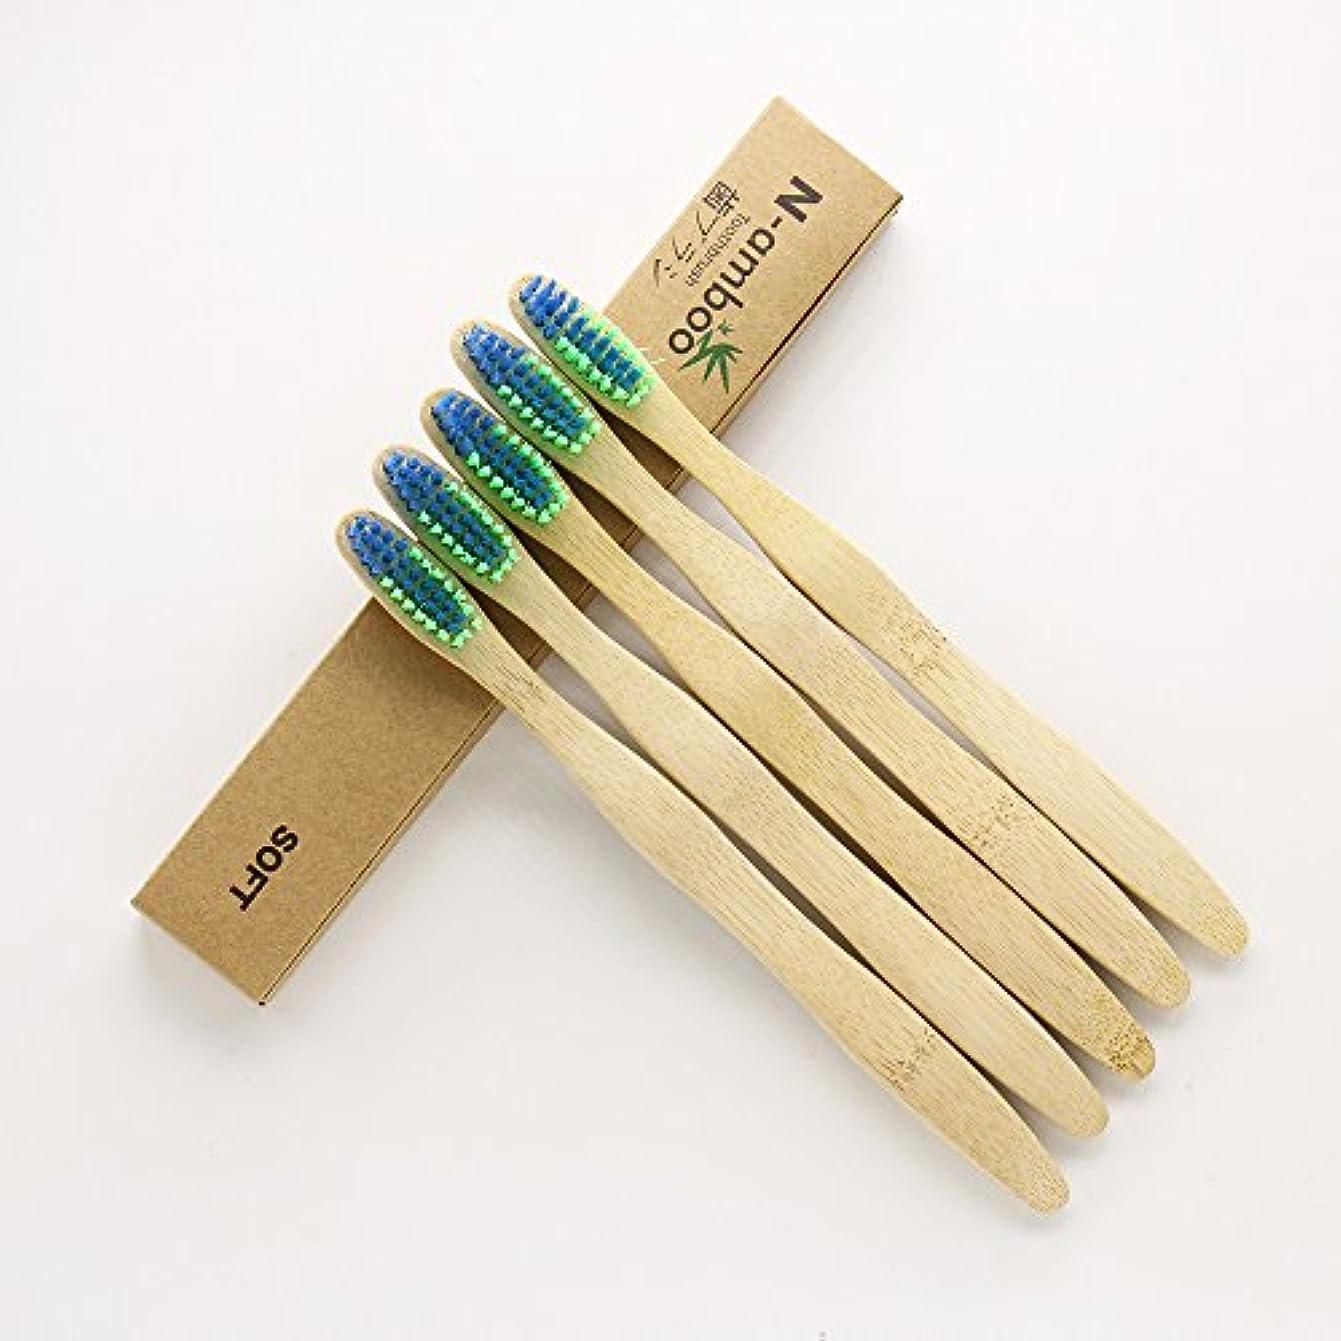 寄付するパンサーモニターN-amboo 竹製耐久度高い 歯ブラシ 青と緑色 5本入り セット